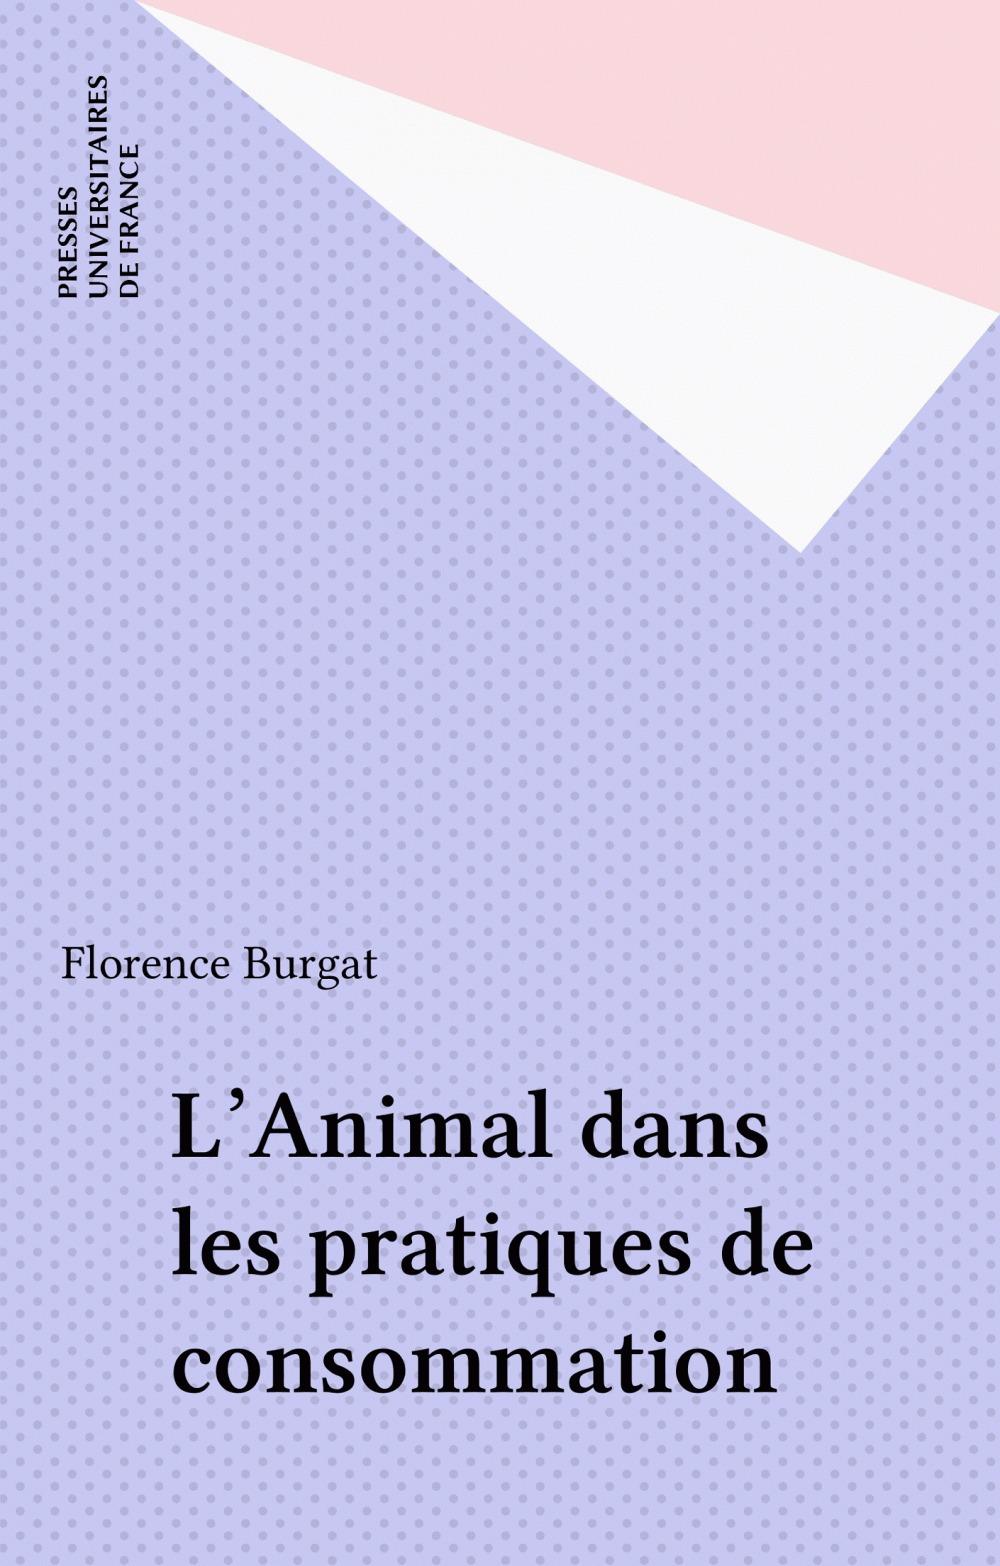 L'animal dans les pratiques de consommation